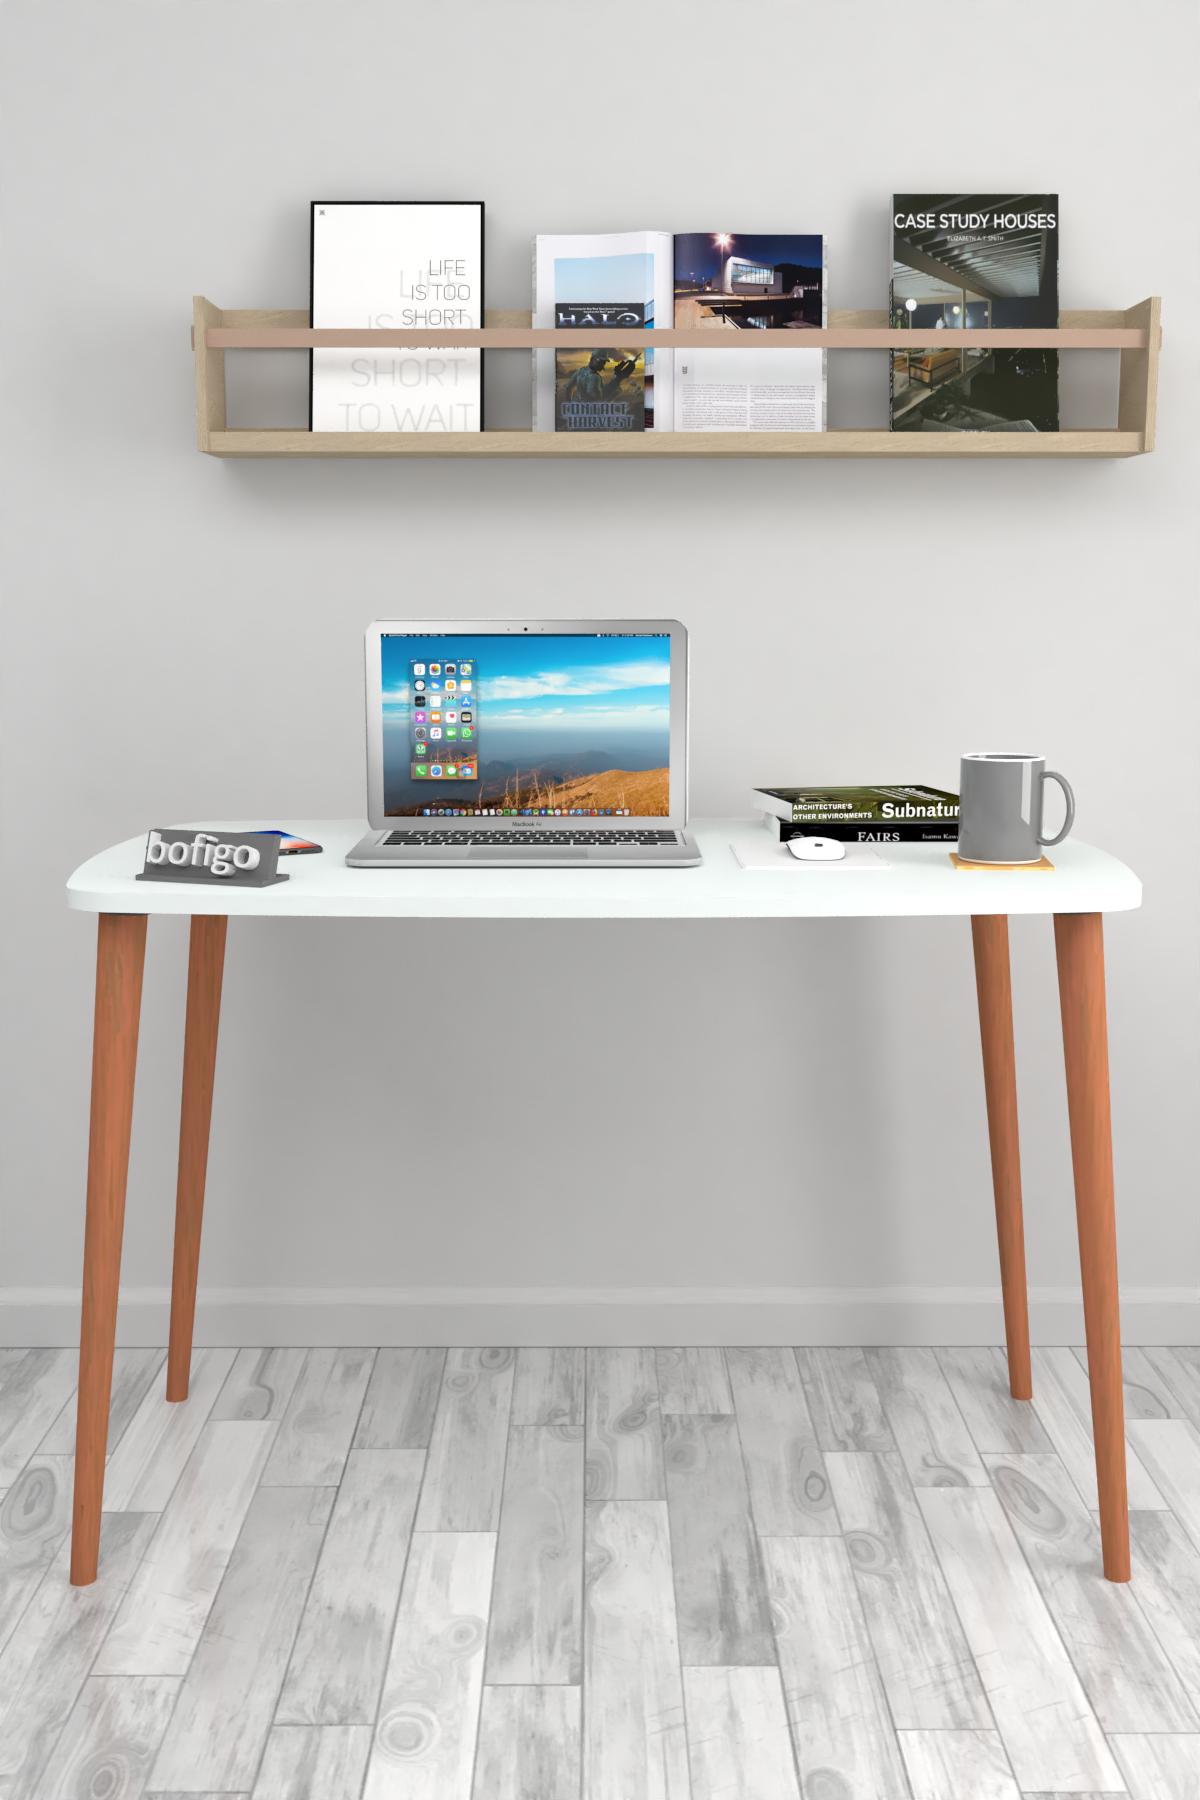 Bofigo Çalışma Masası 60x105 Cm Beyaz (Ahşap Ayaklı)